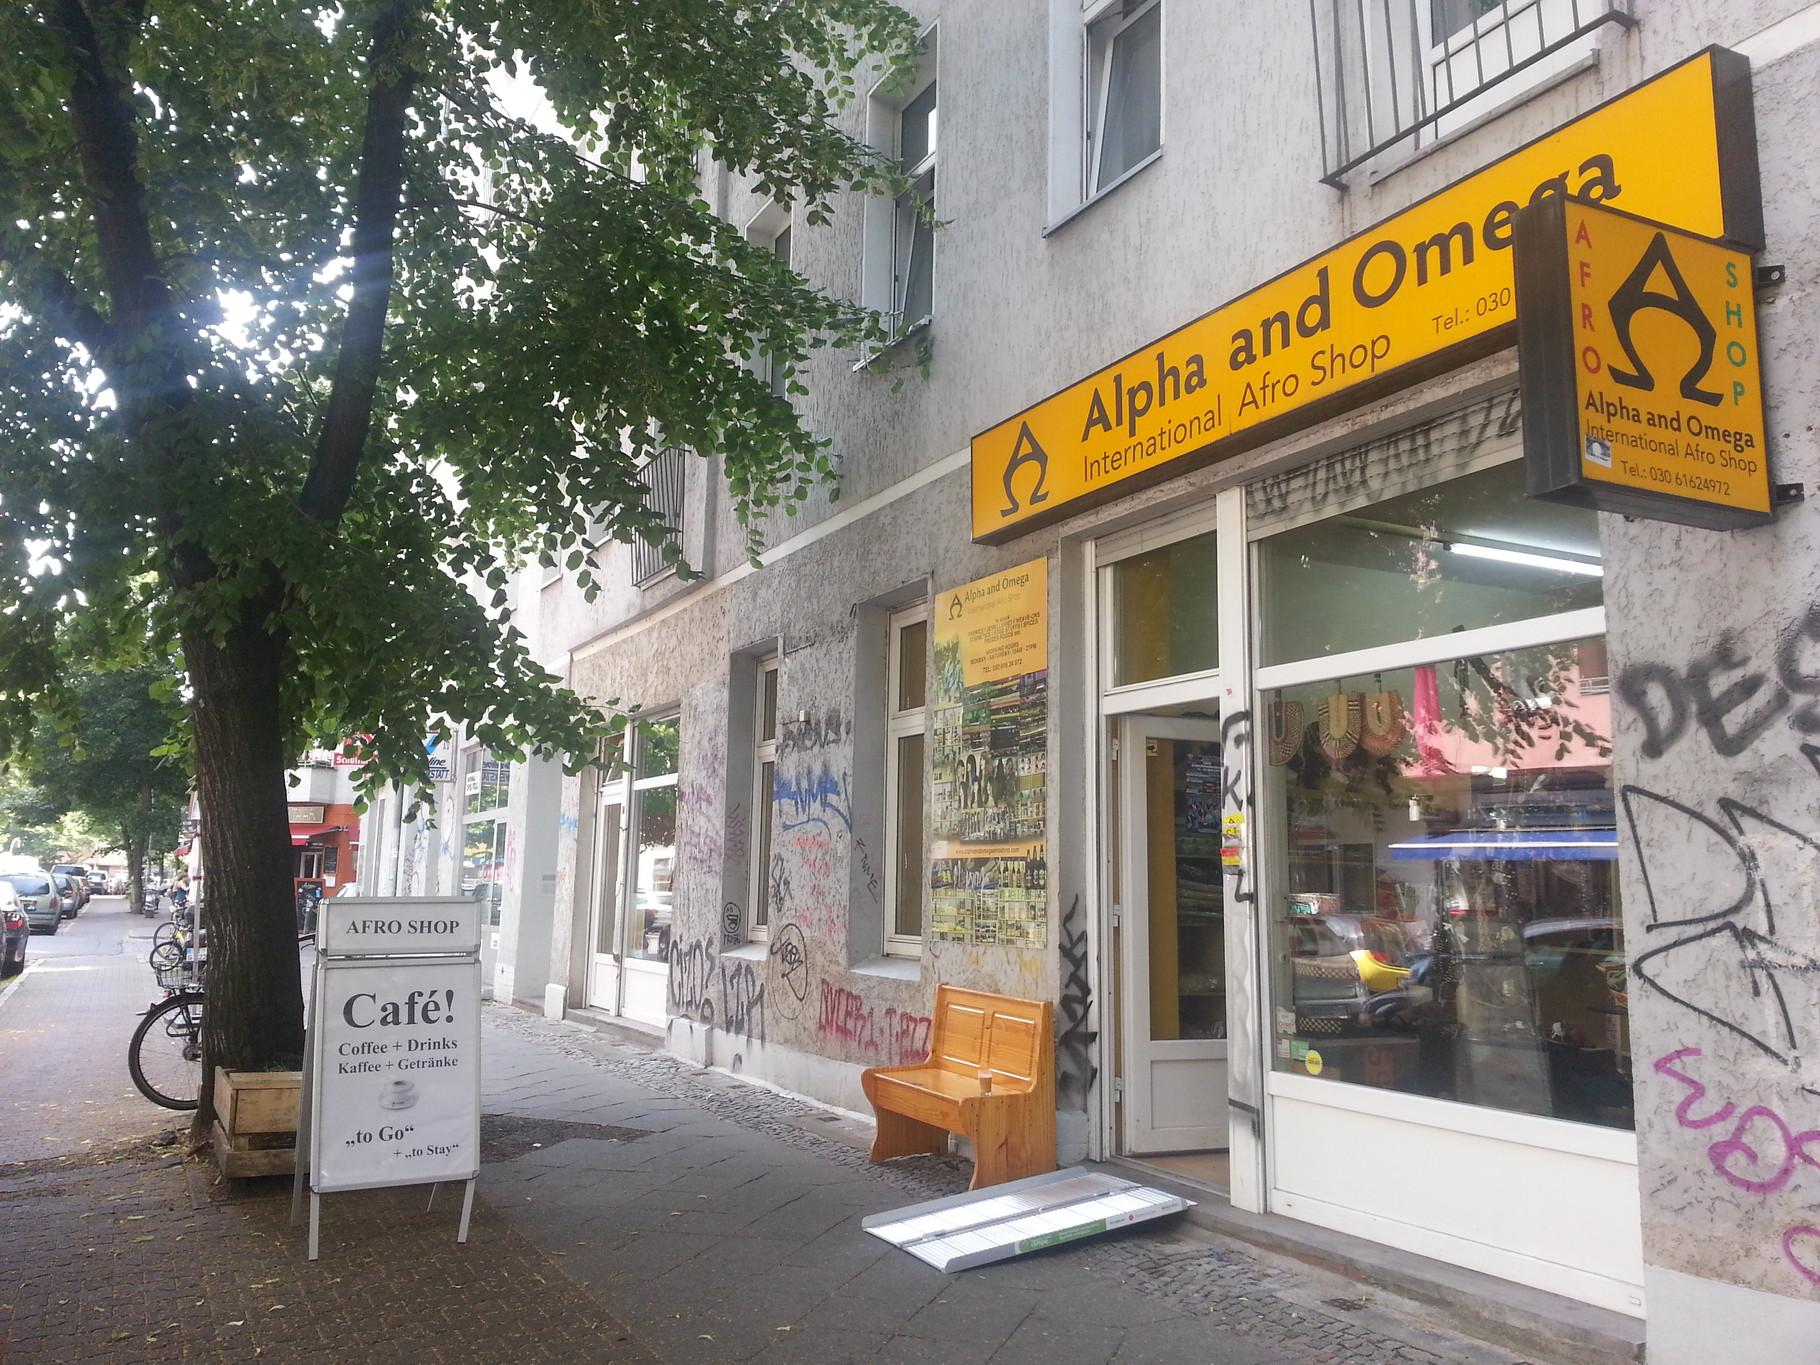 afro shop berlin alpha and omega international afro shop. Black Bedroom Furniture Sets. Home Design Ideas